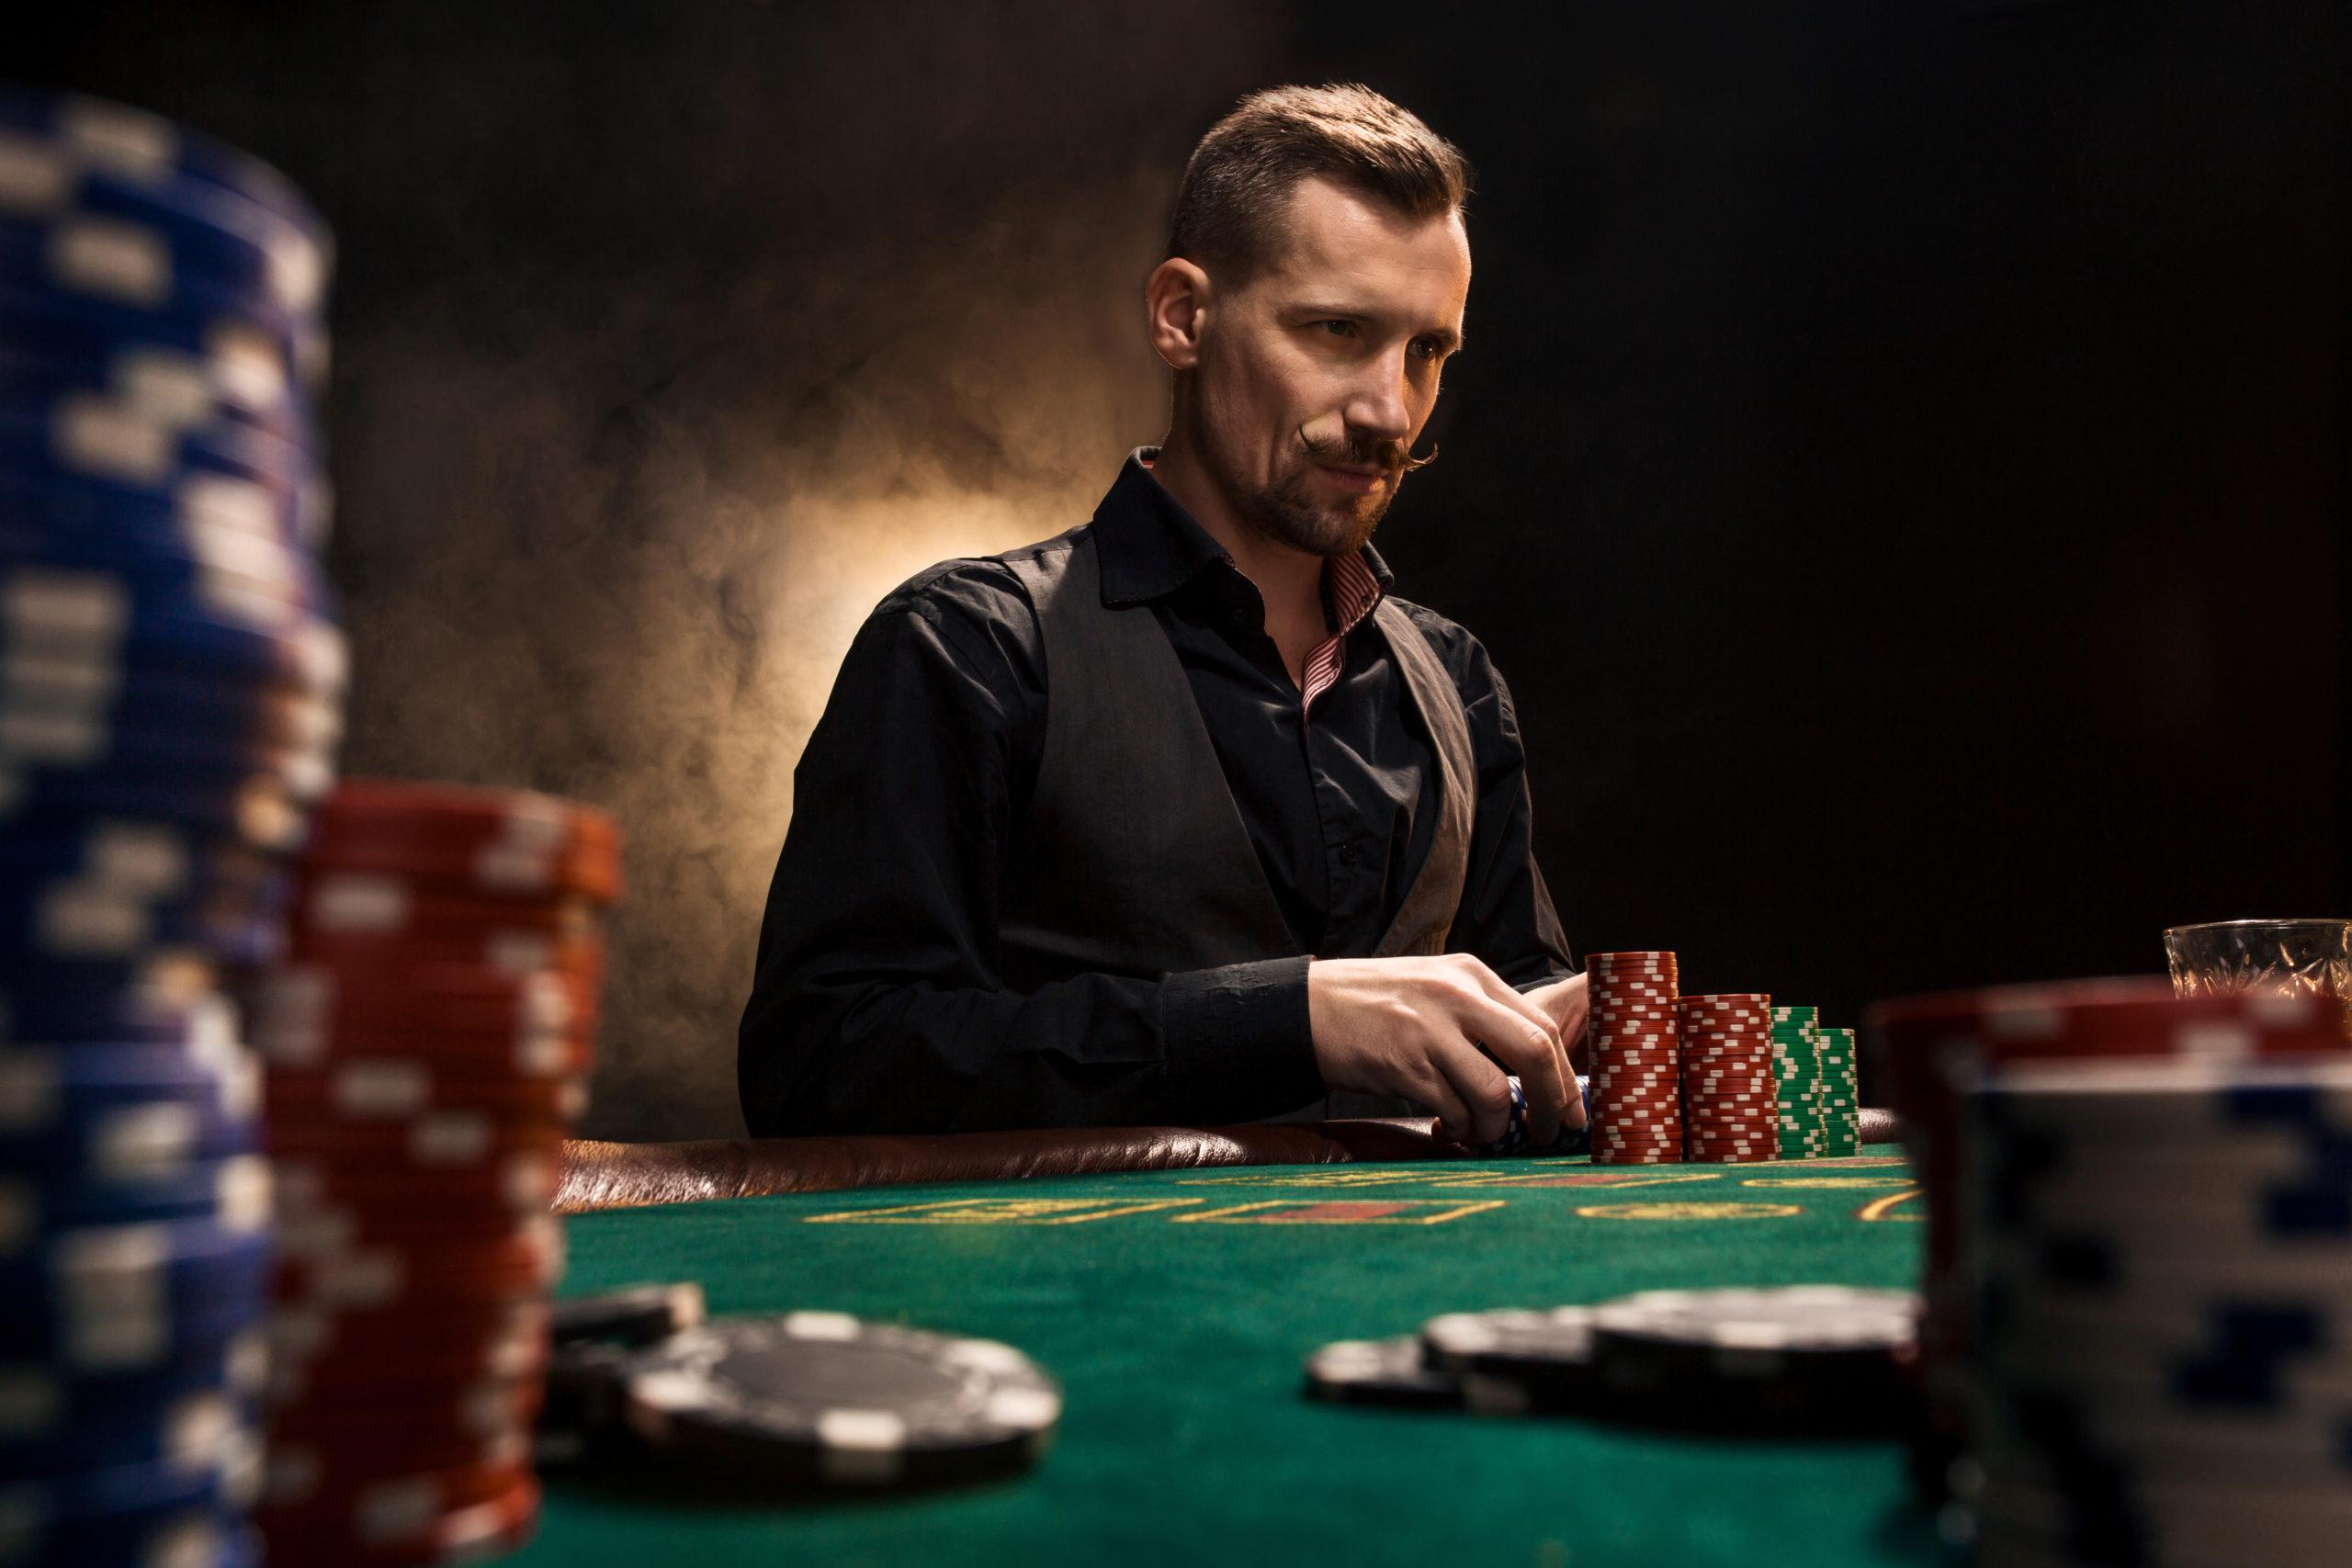 ポーカーをする男性